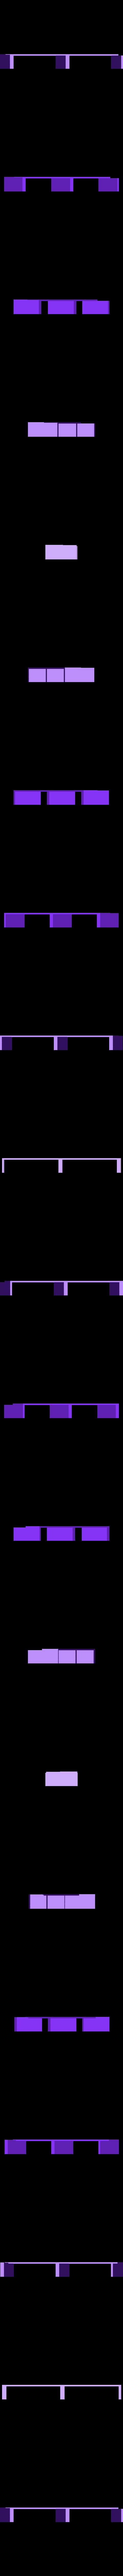 lower_left1b.stl Télécharger fichier STL gratuit Un peu de Venise sur le côté Warhammer 40k! • Plan pour imprimante 3D, Earsling